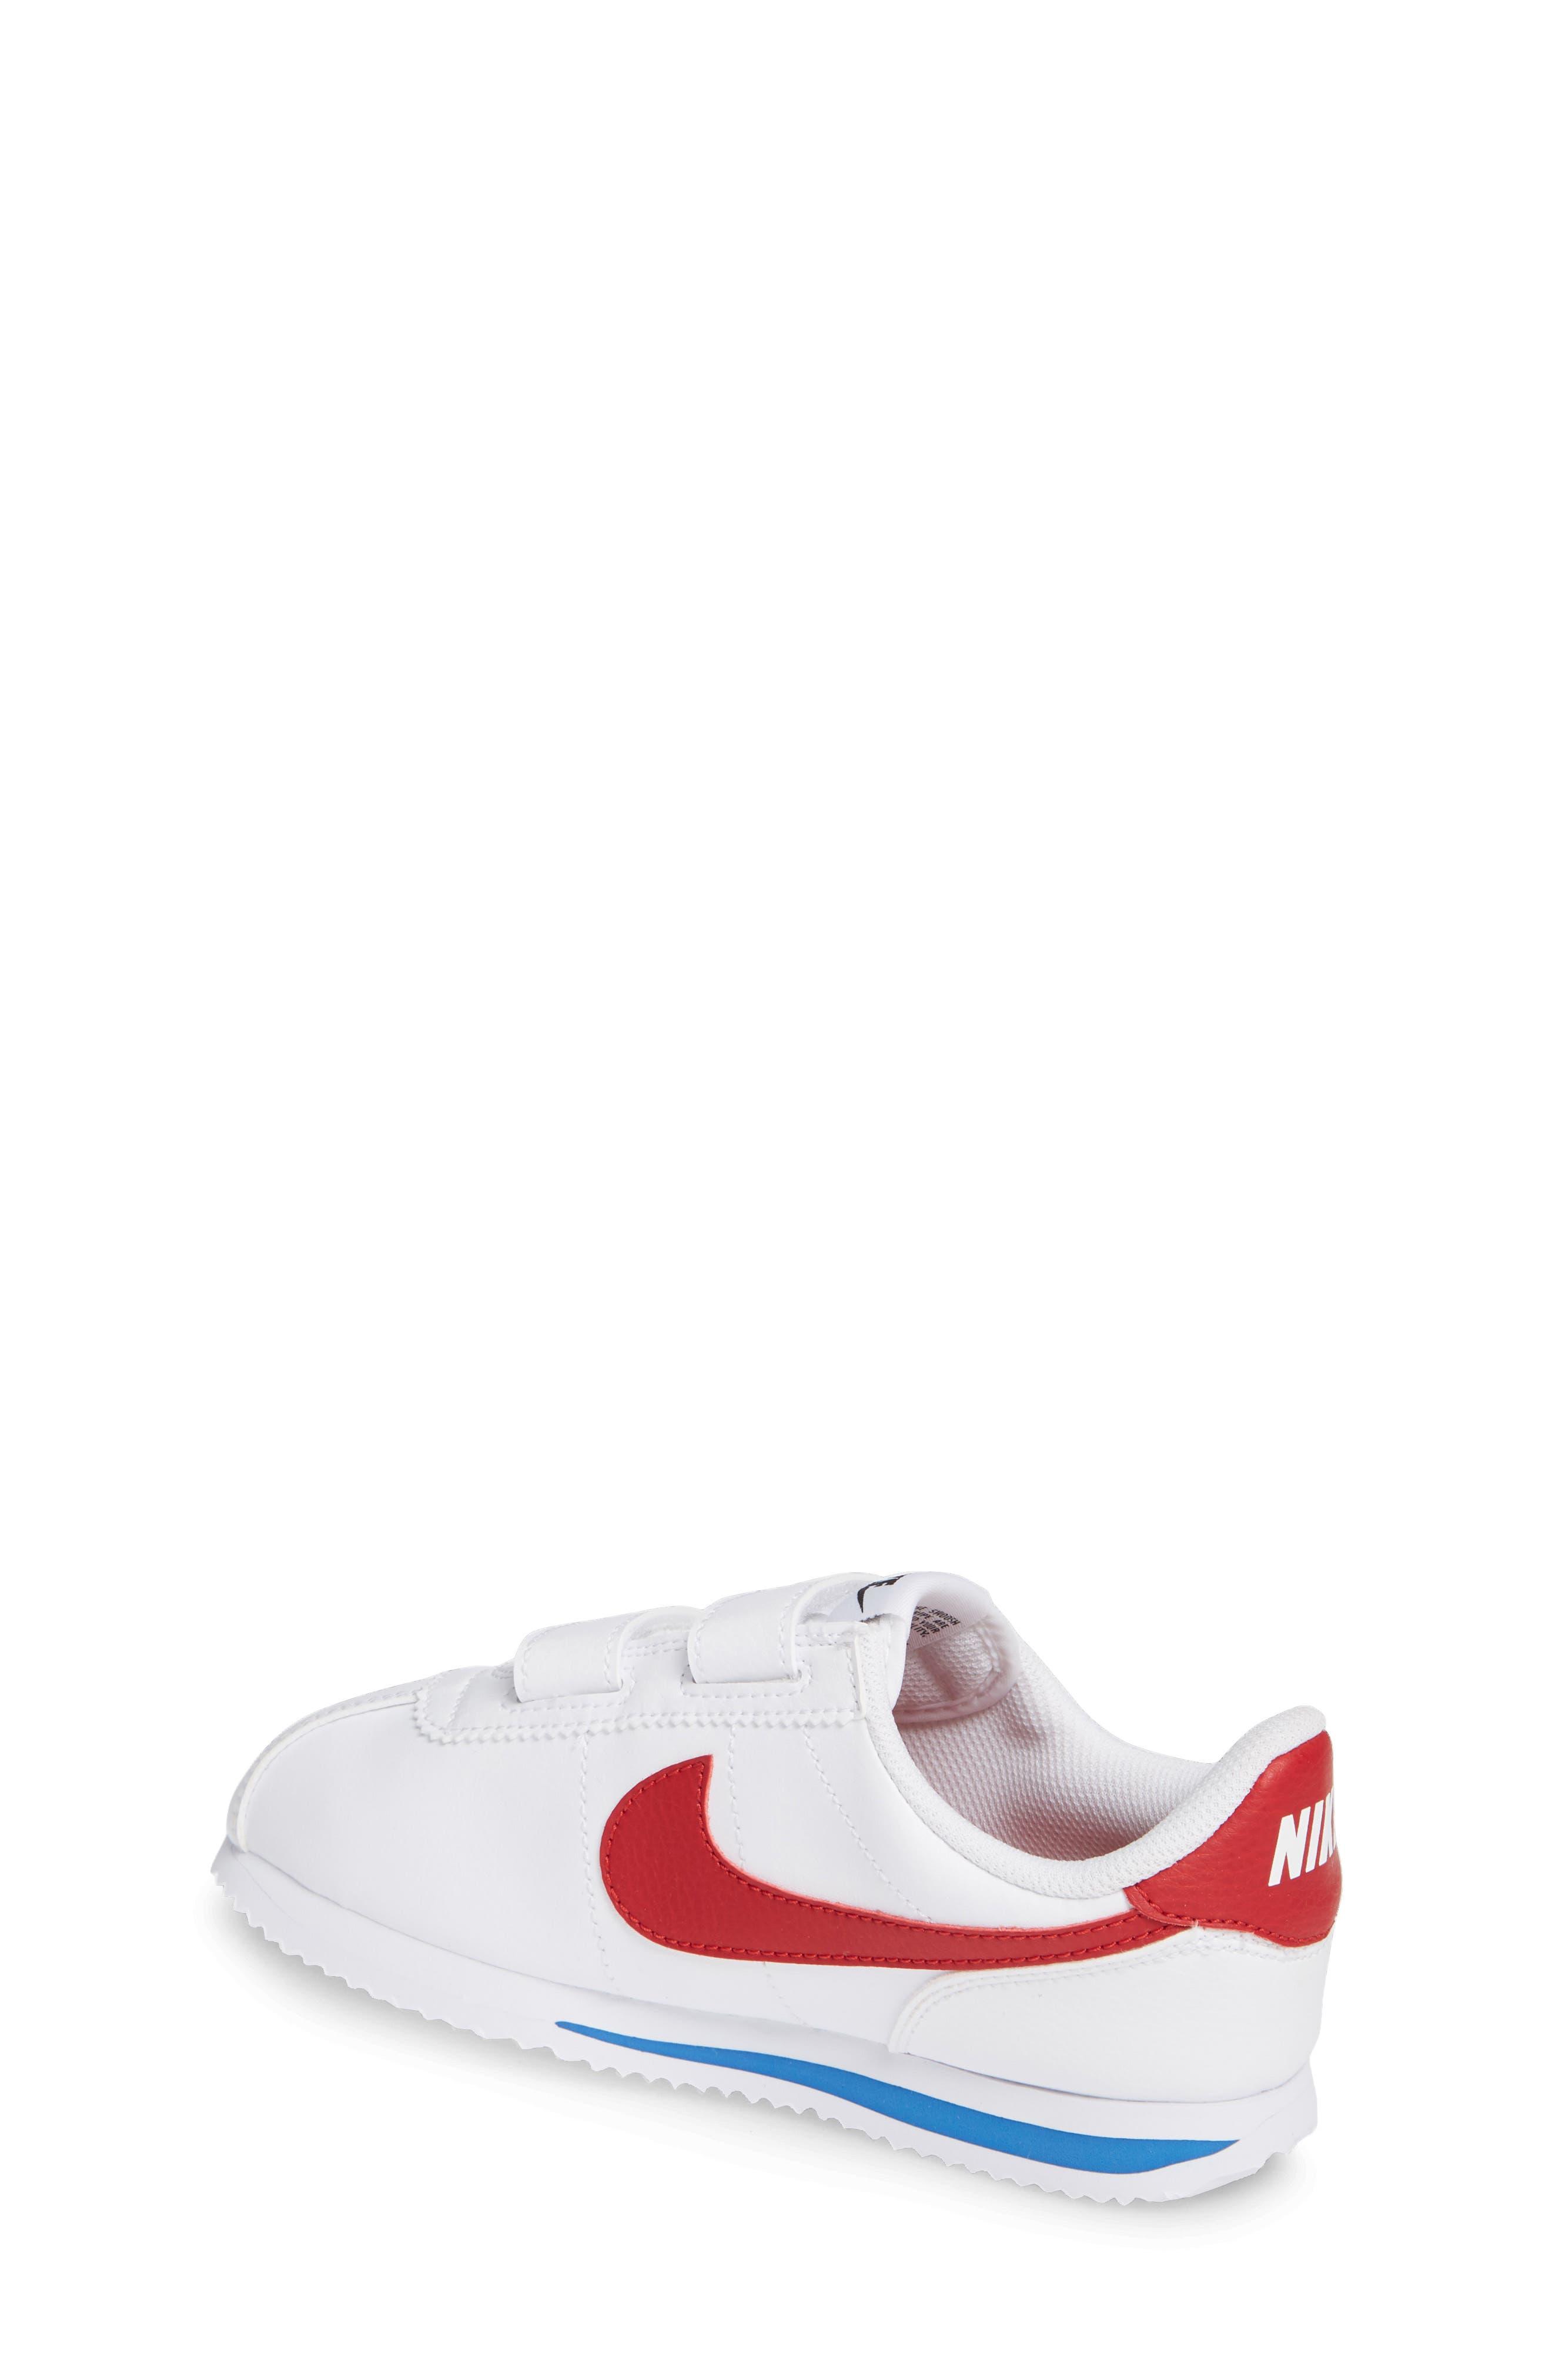 NIKE, Cortez Basic SL Sneaker, Alternate thumbnail 2, color, WHITE/ VARSITY RED/ BLACK